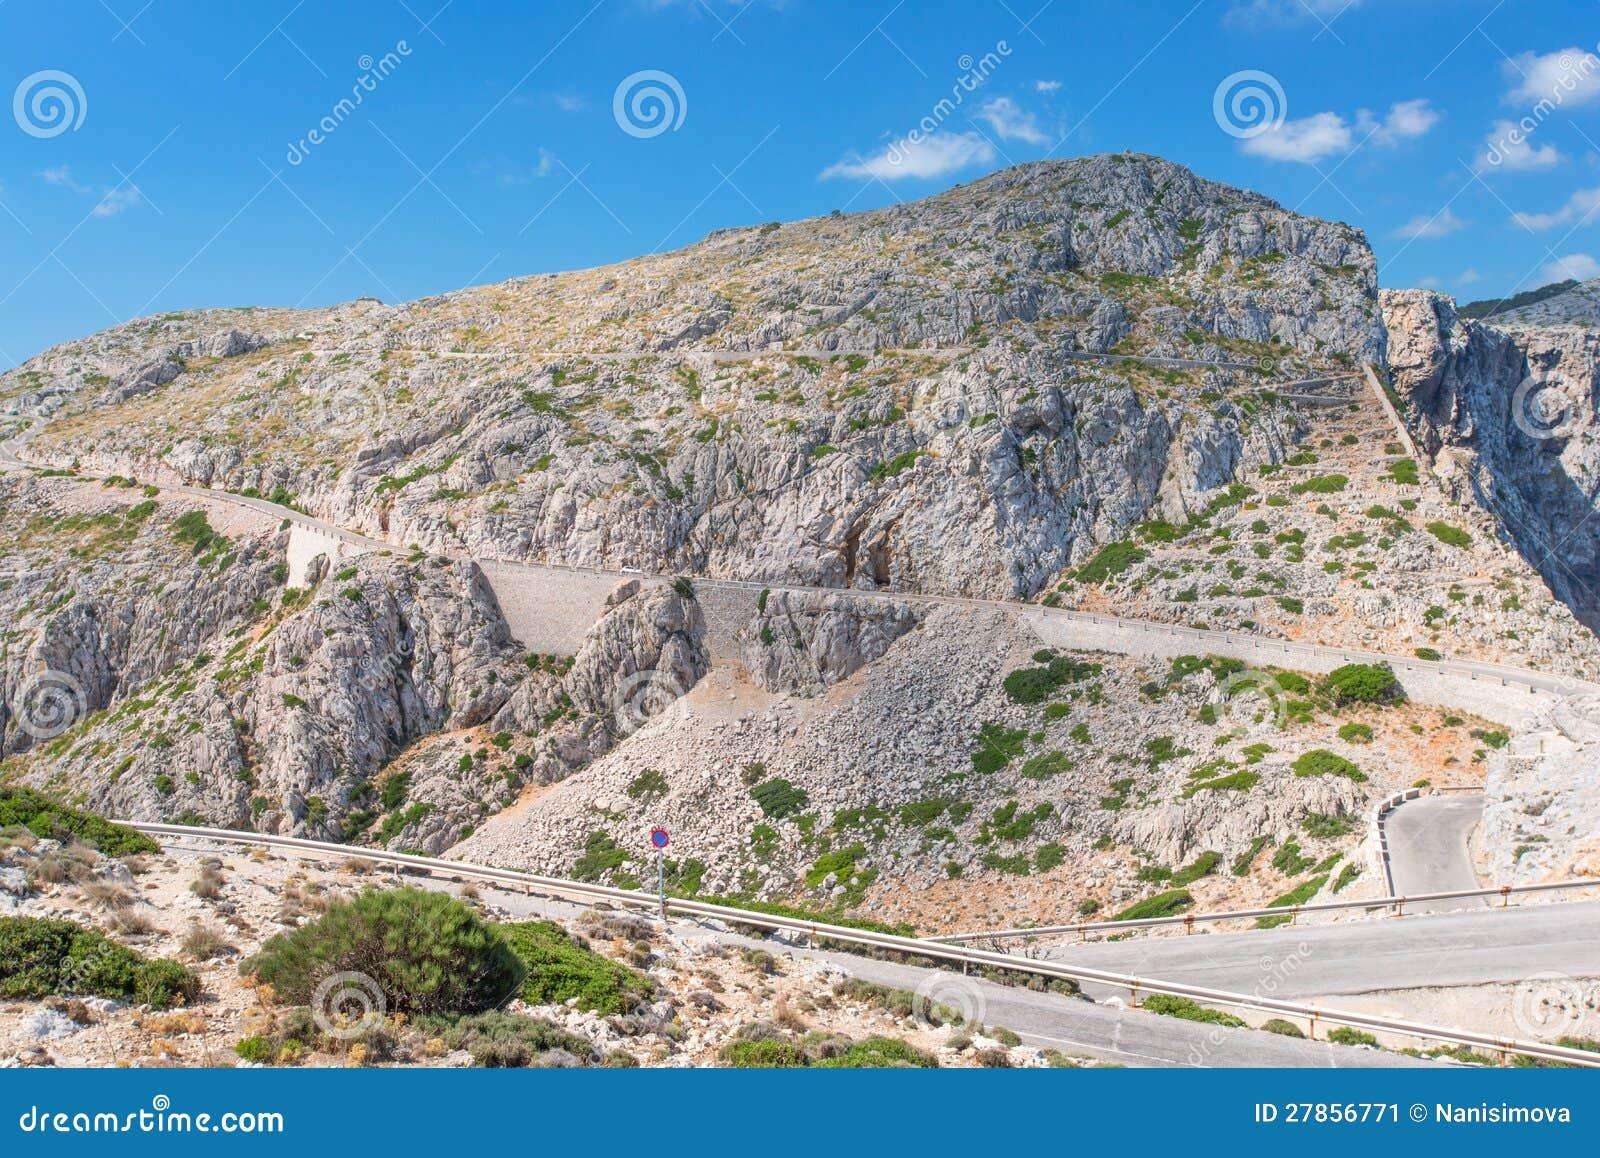 Drogowy pobliski przylądek Formentor w górach